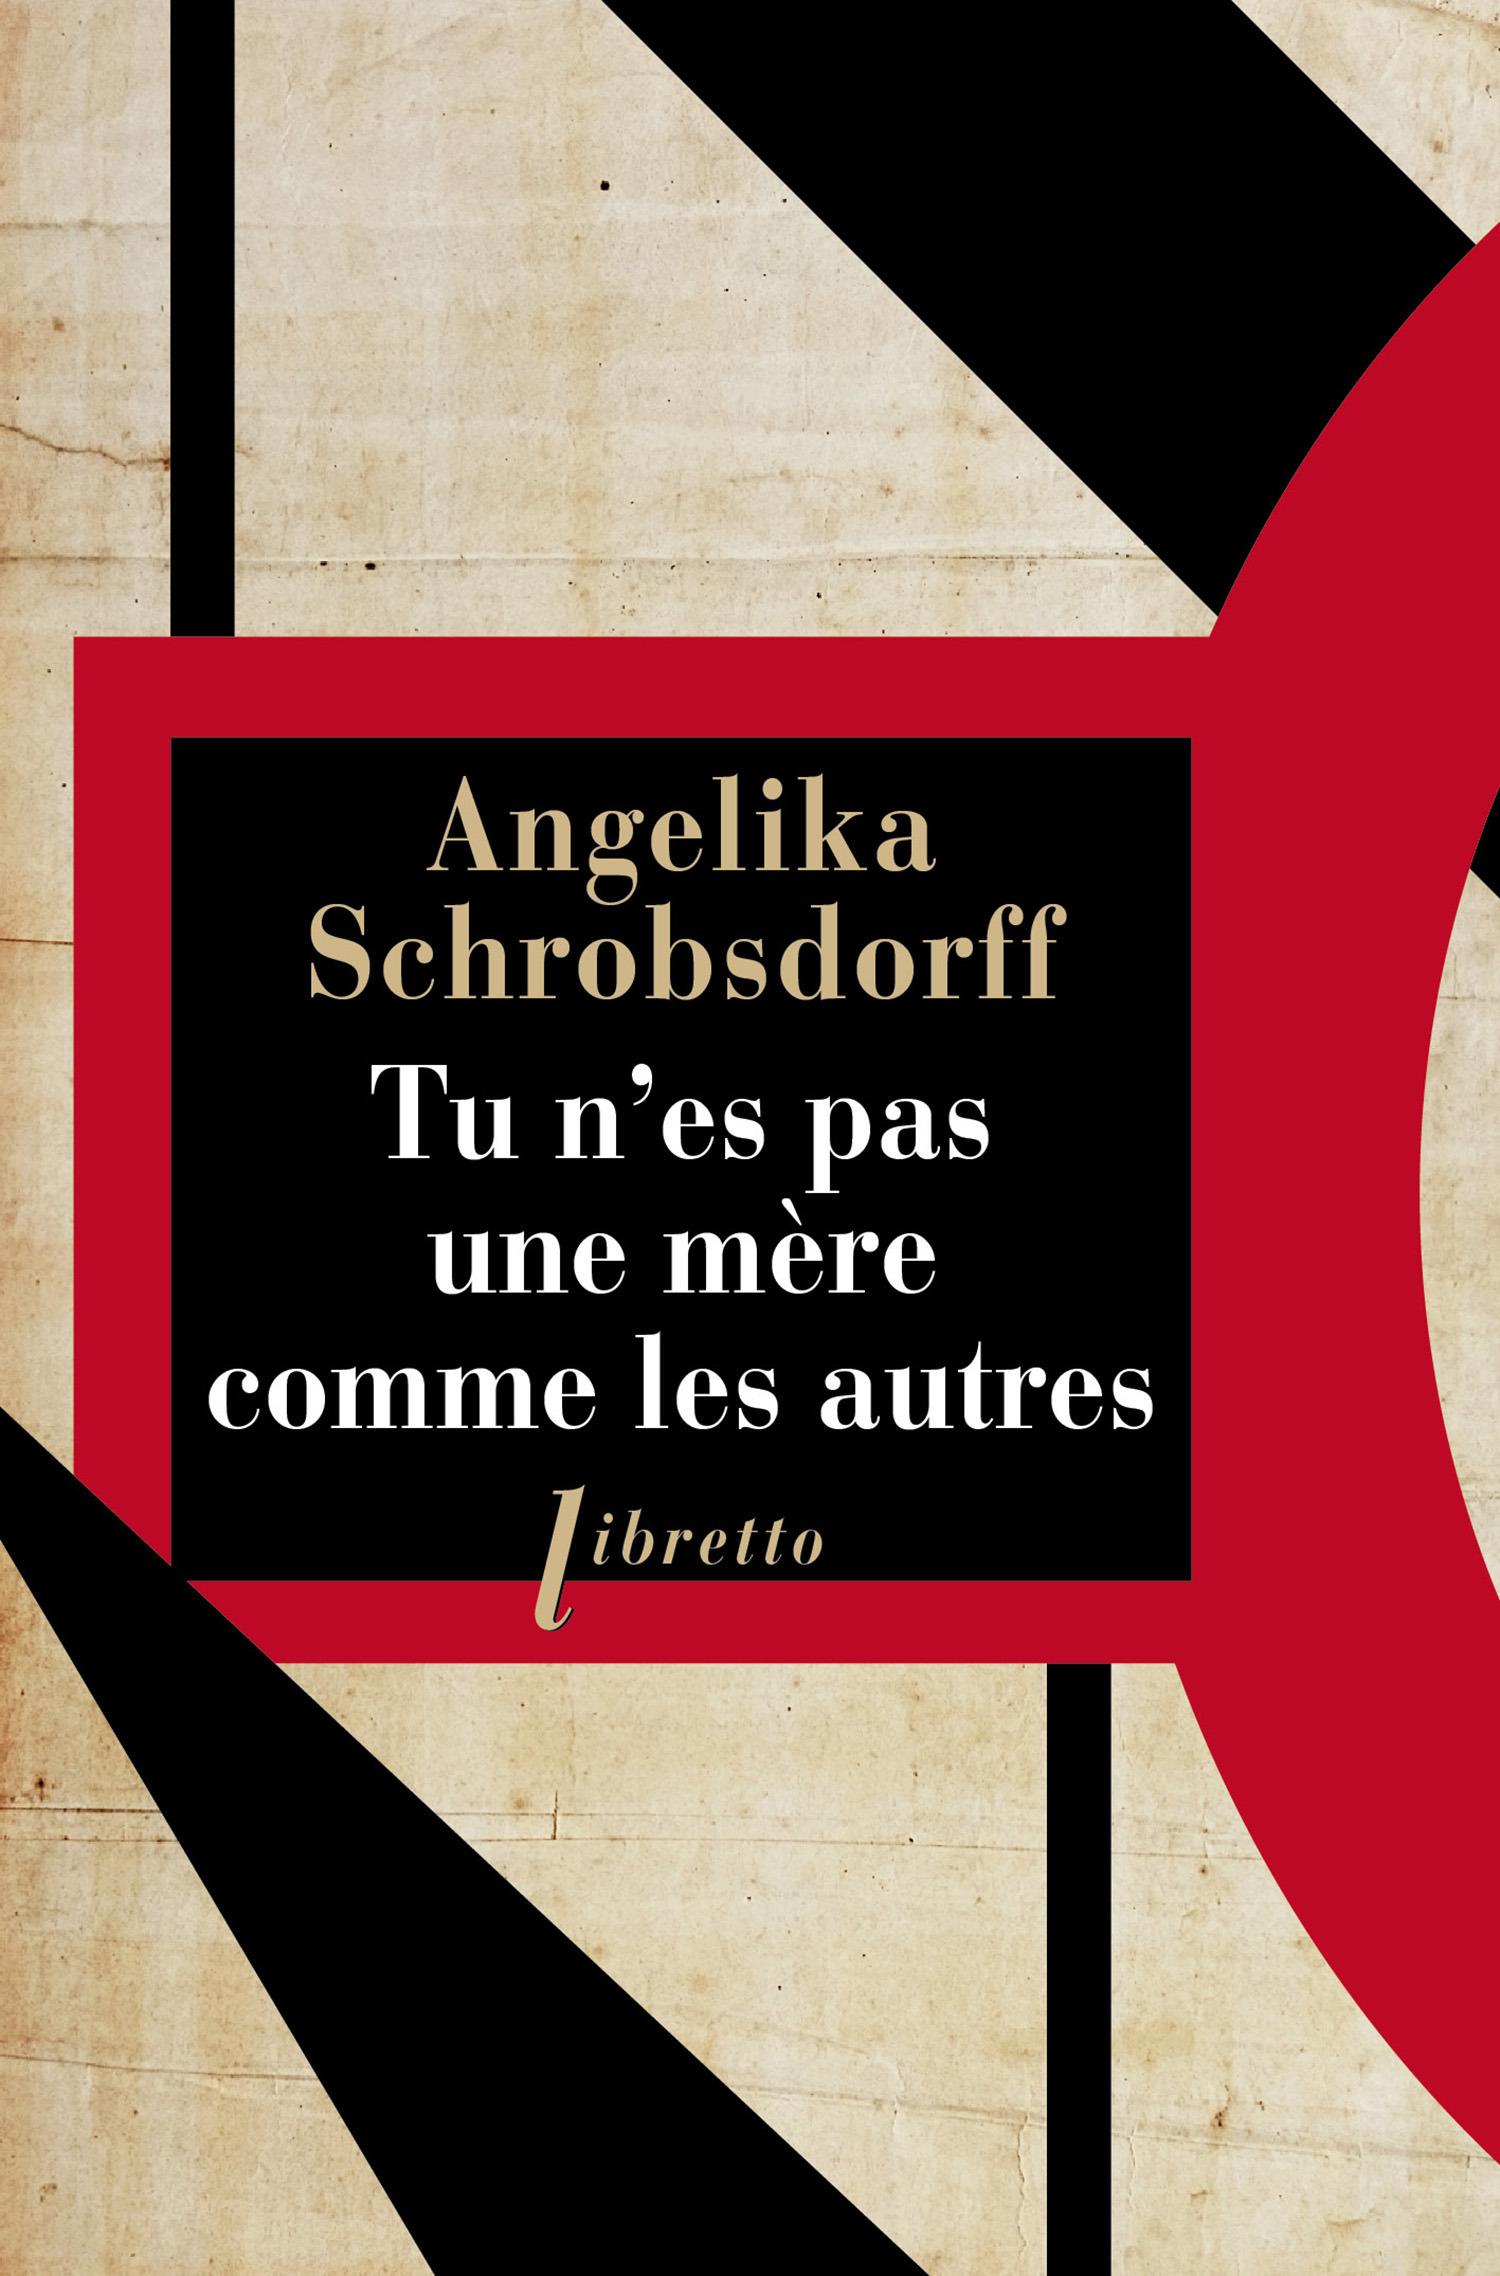 Tu n'es pas une mère comme les autres  - Angelika Schrobsdorff